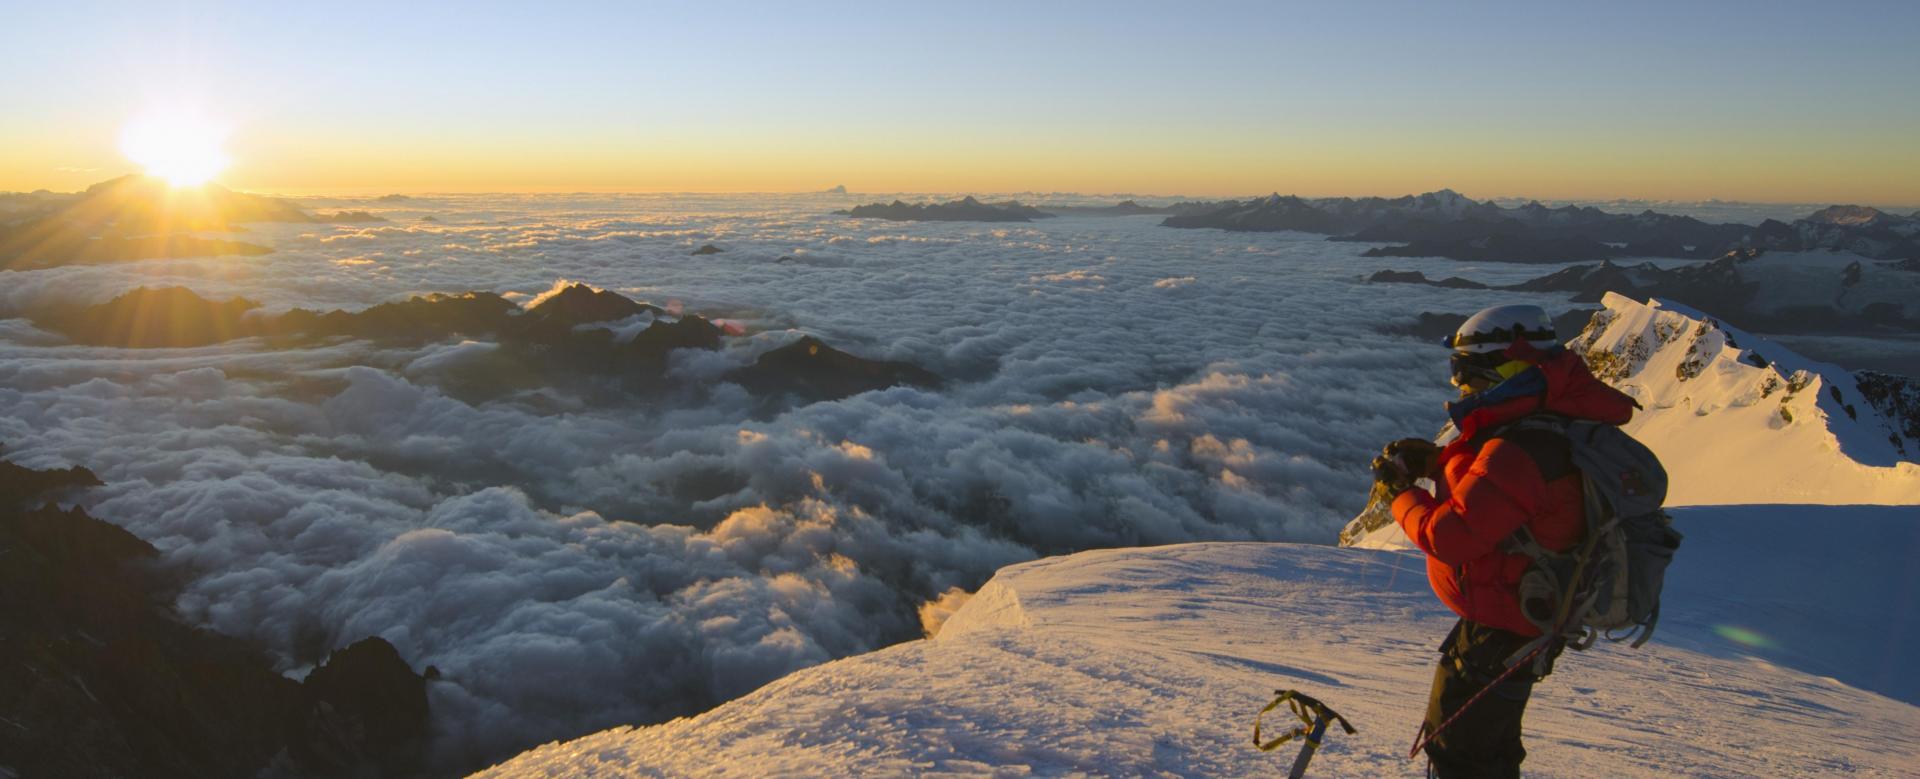 Voyage à pied : Grand-paradis - mont-blanc